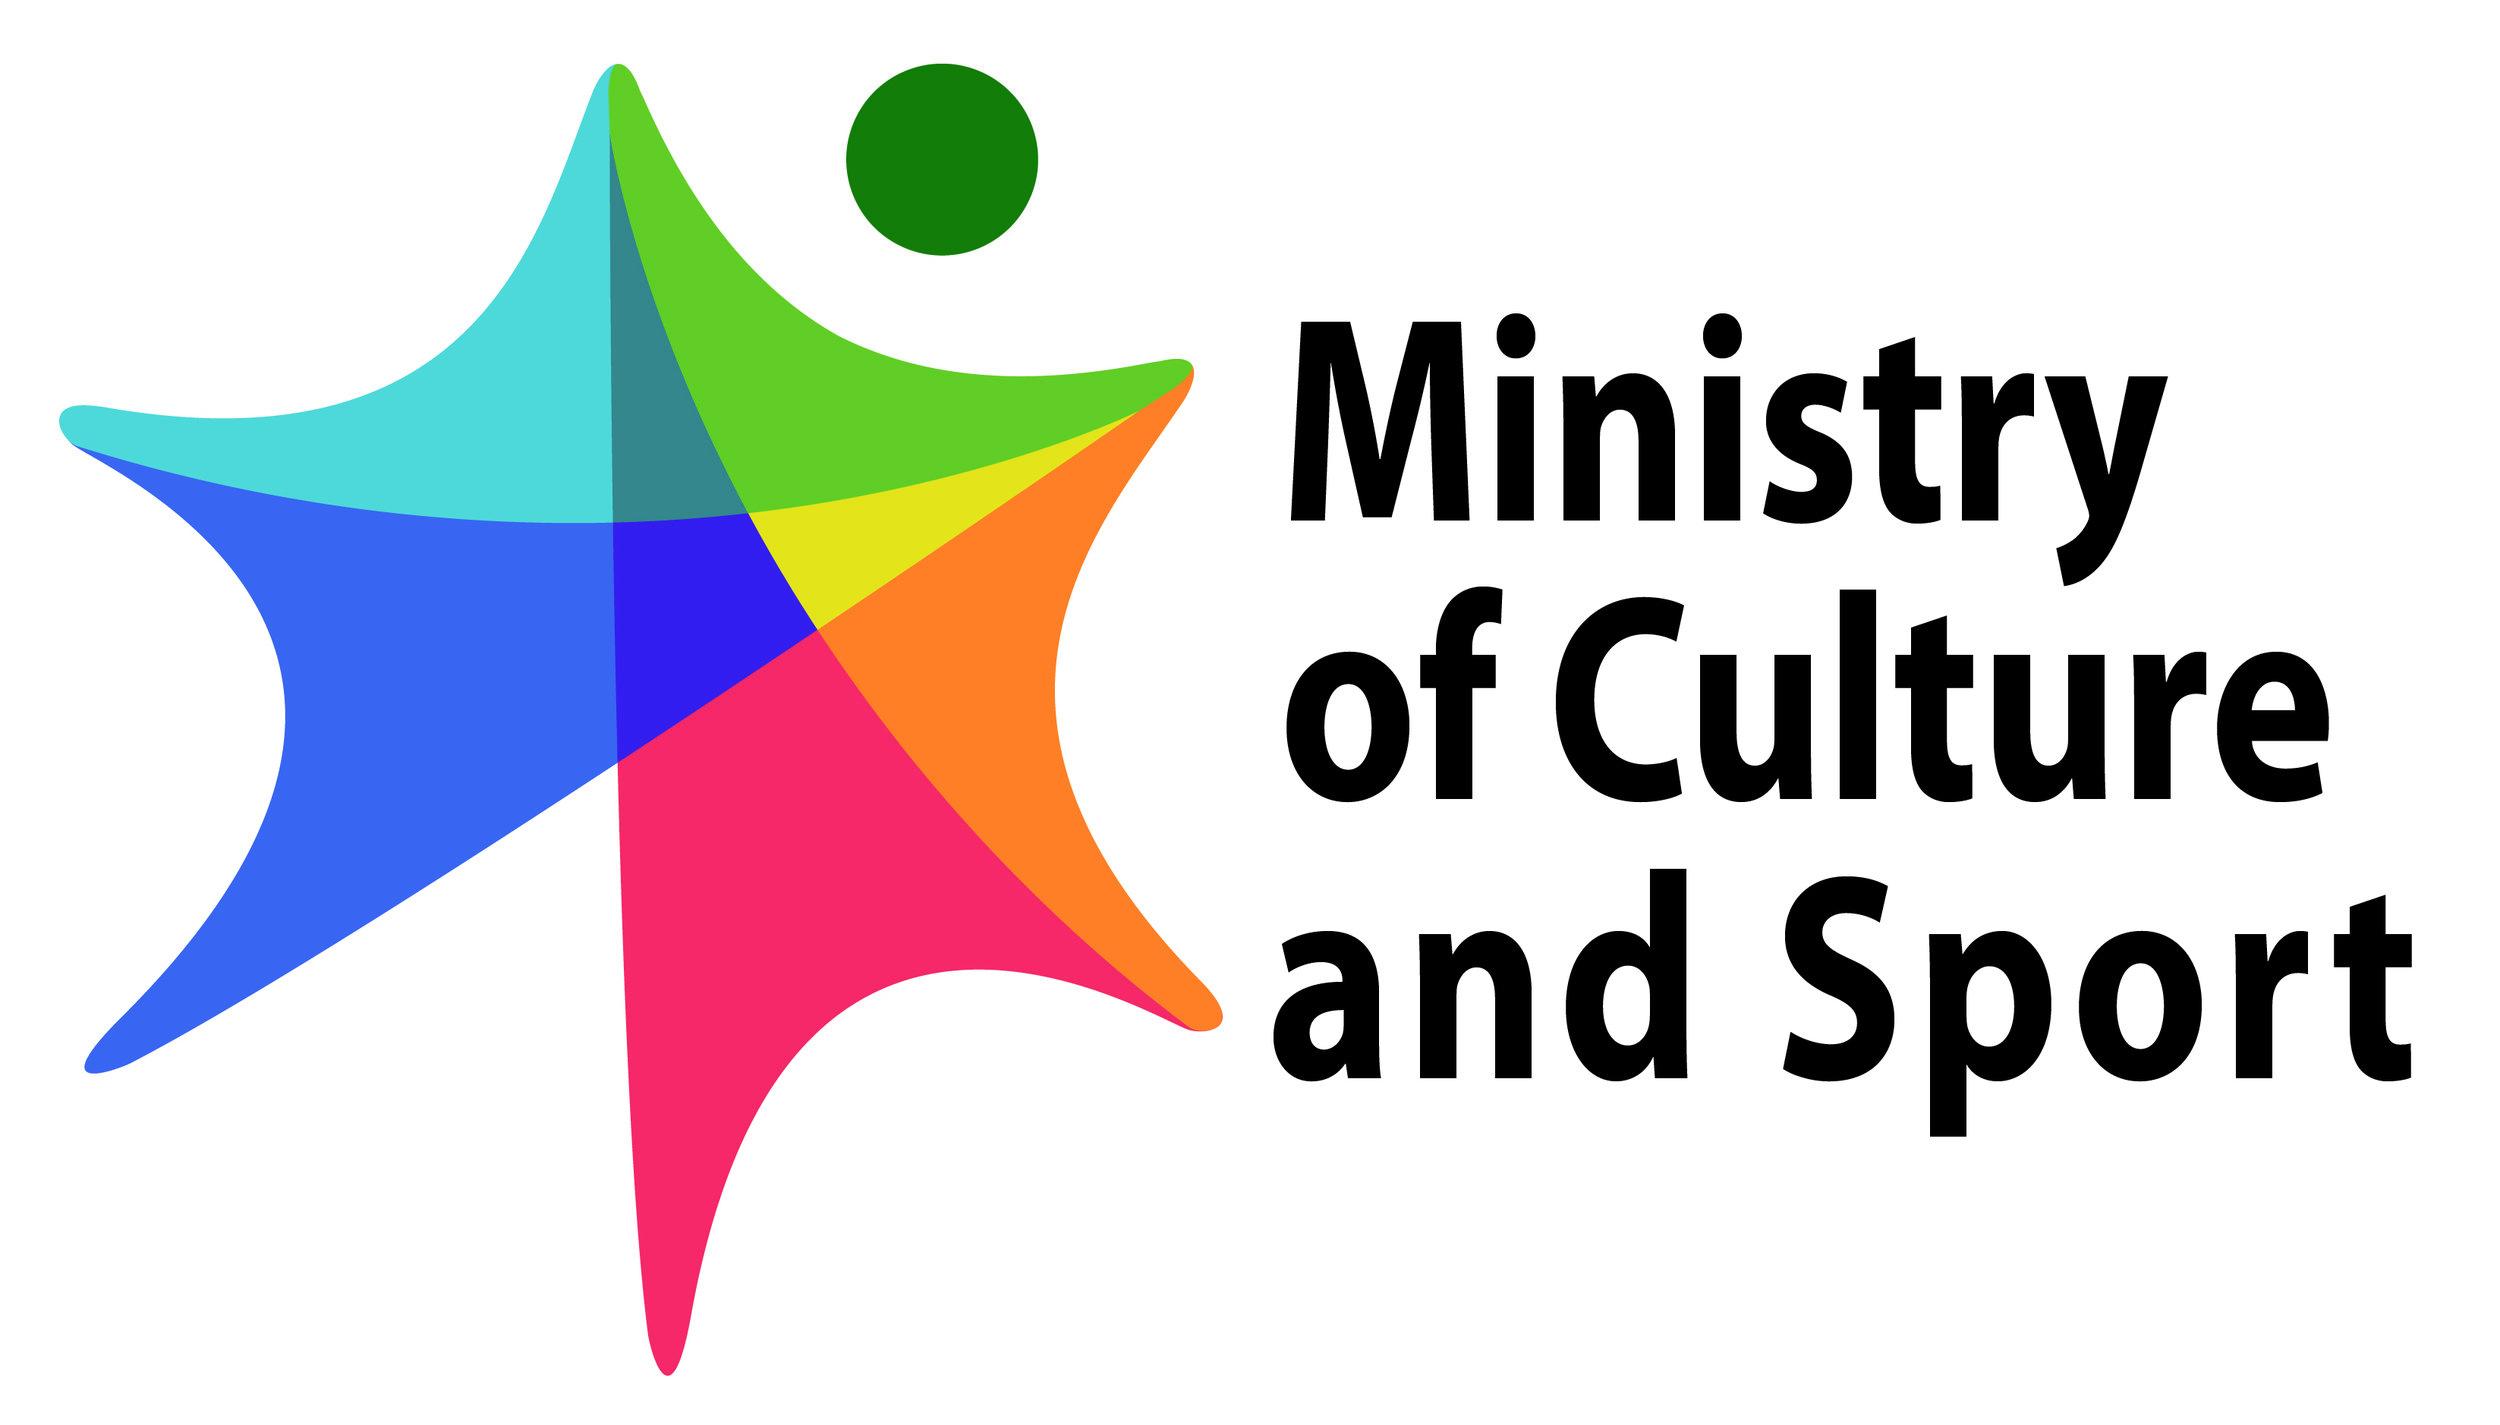 לוגו-משרד-התרבות-באנגלית.jpg